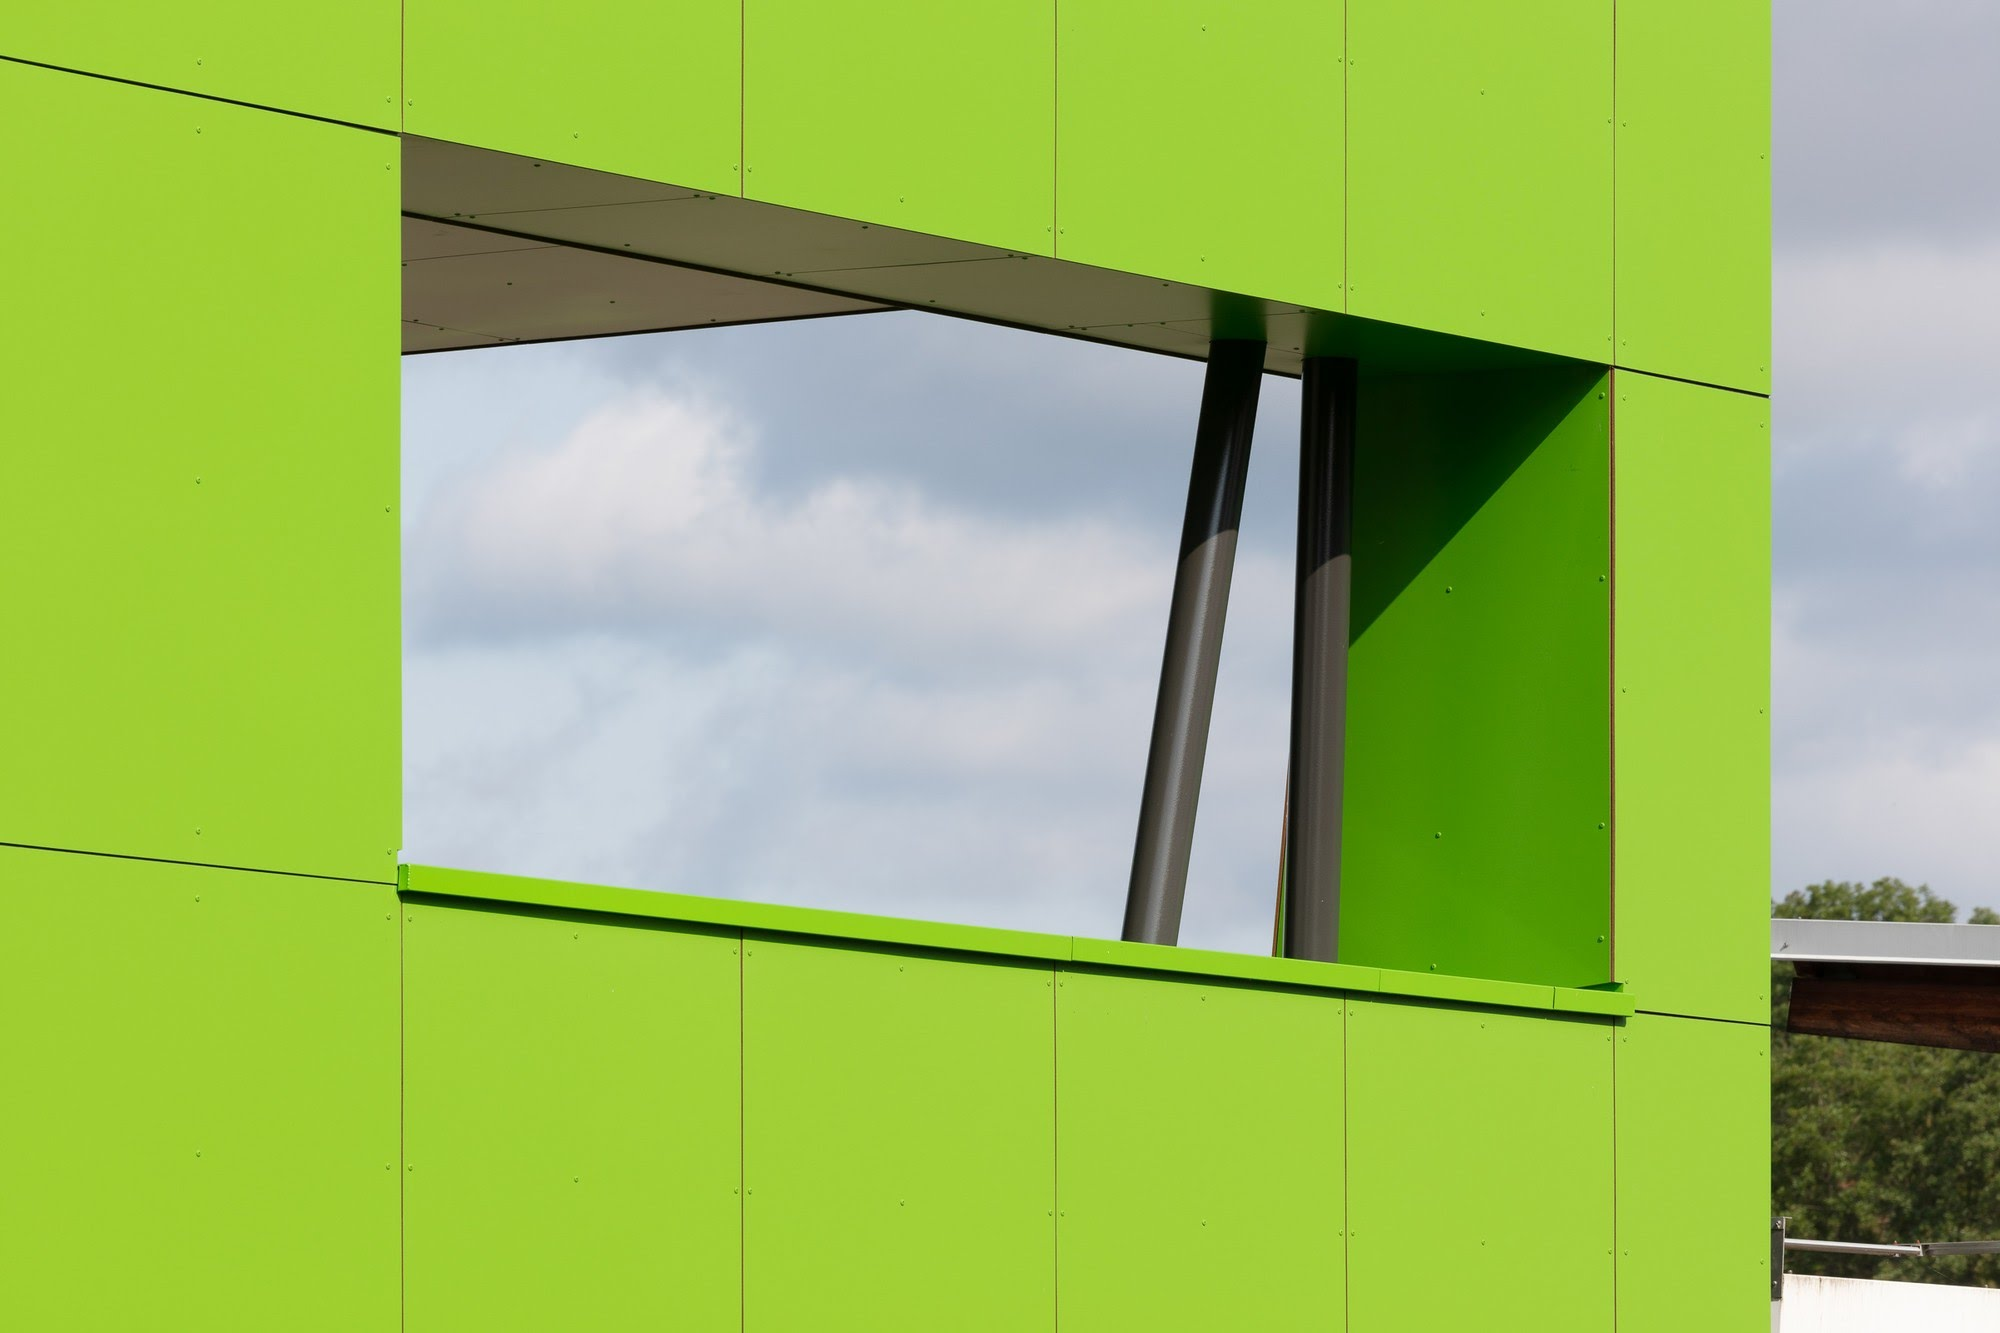 Gewerbe Anbau Aufenthaltsraum Sigmatic in Sursee Architektur,Wohnungsbau,Wohnhäuser,Einfamilienhäuser,Mehrfamilienhäuser